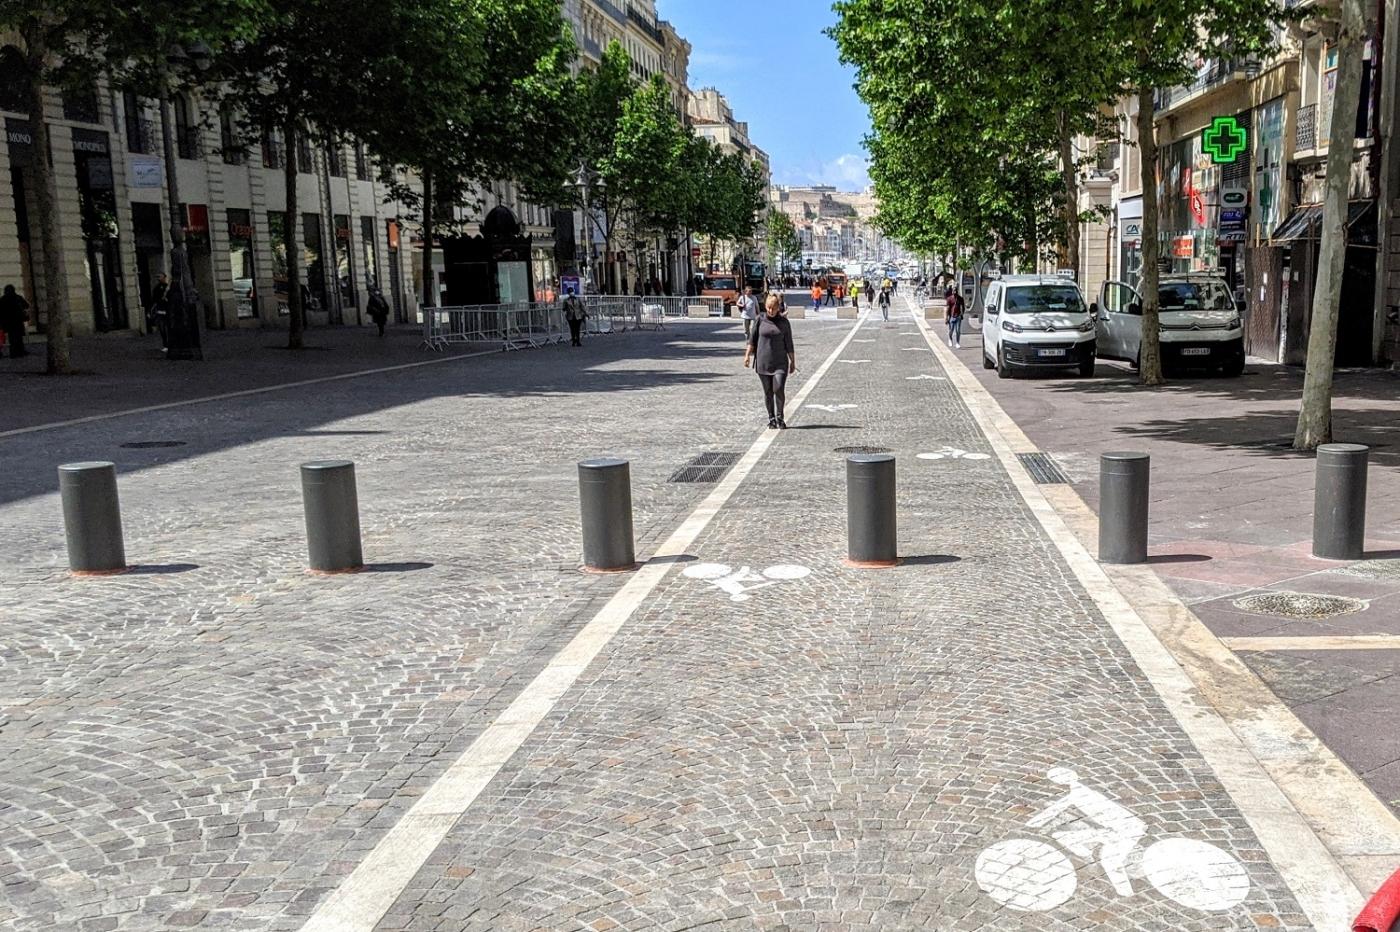 , 9 km de pistes cyclables provisoires aménagées à Marseille à partir de lundi, Made in Marseille, Made in Marseille